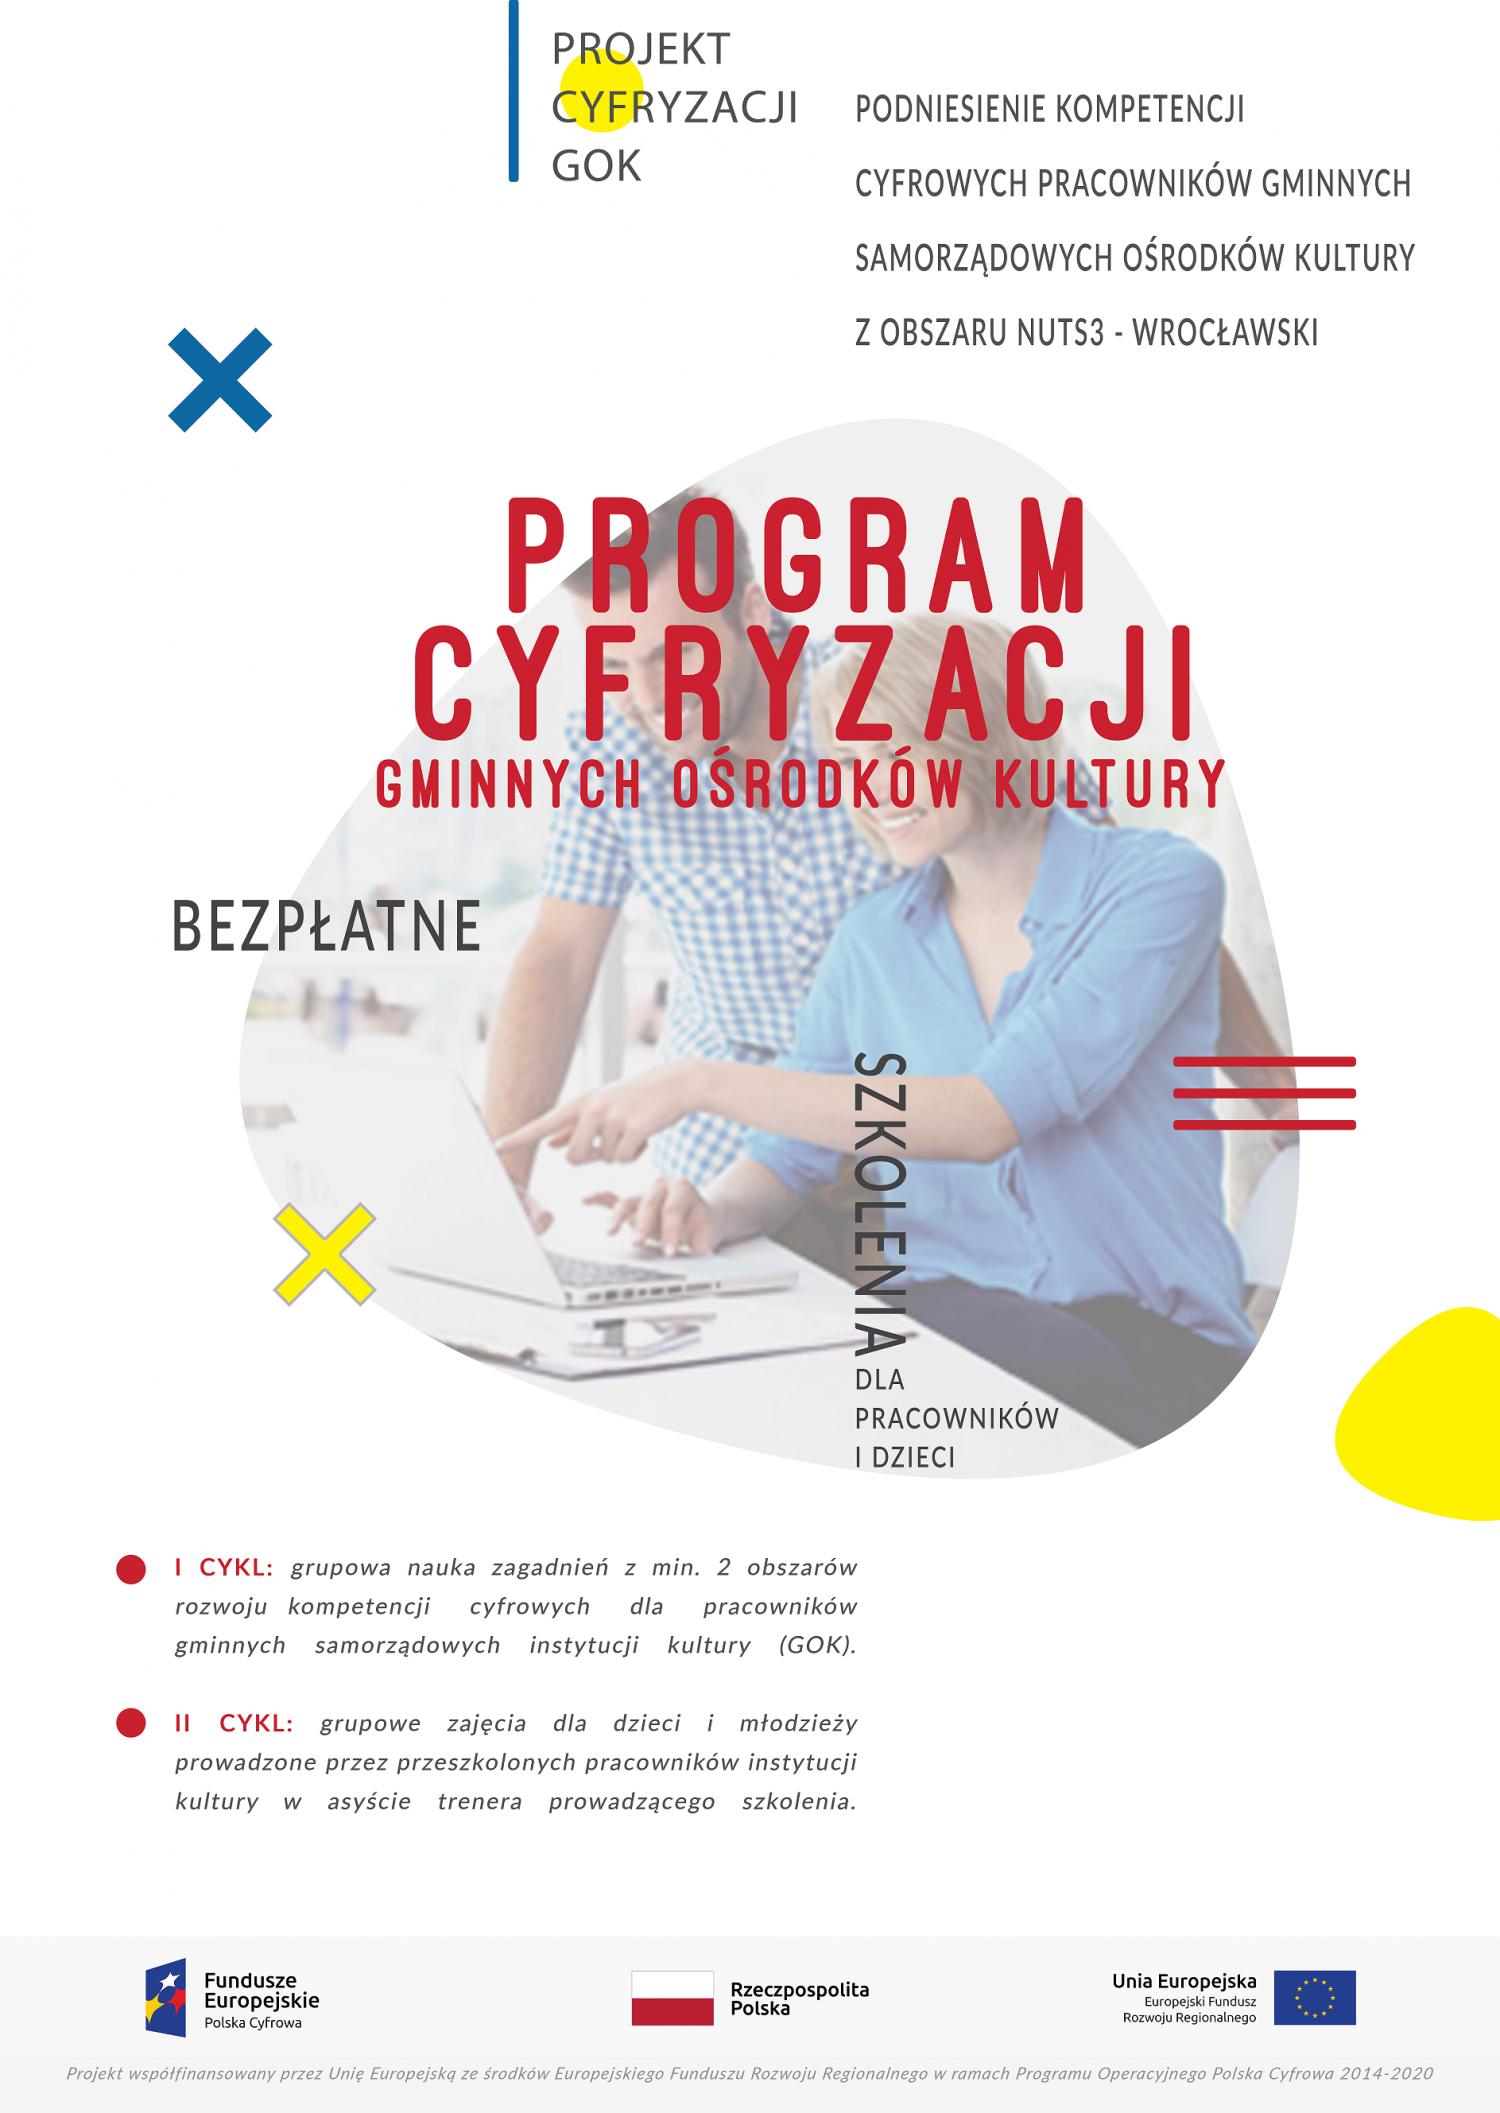 Grafika promocyjna - pionowa (wrocławski) - ogólna